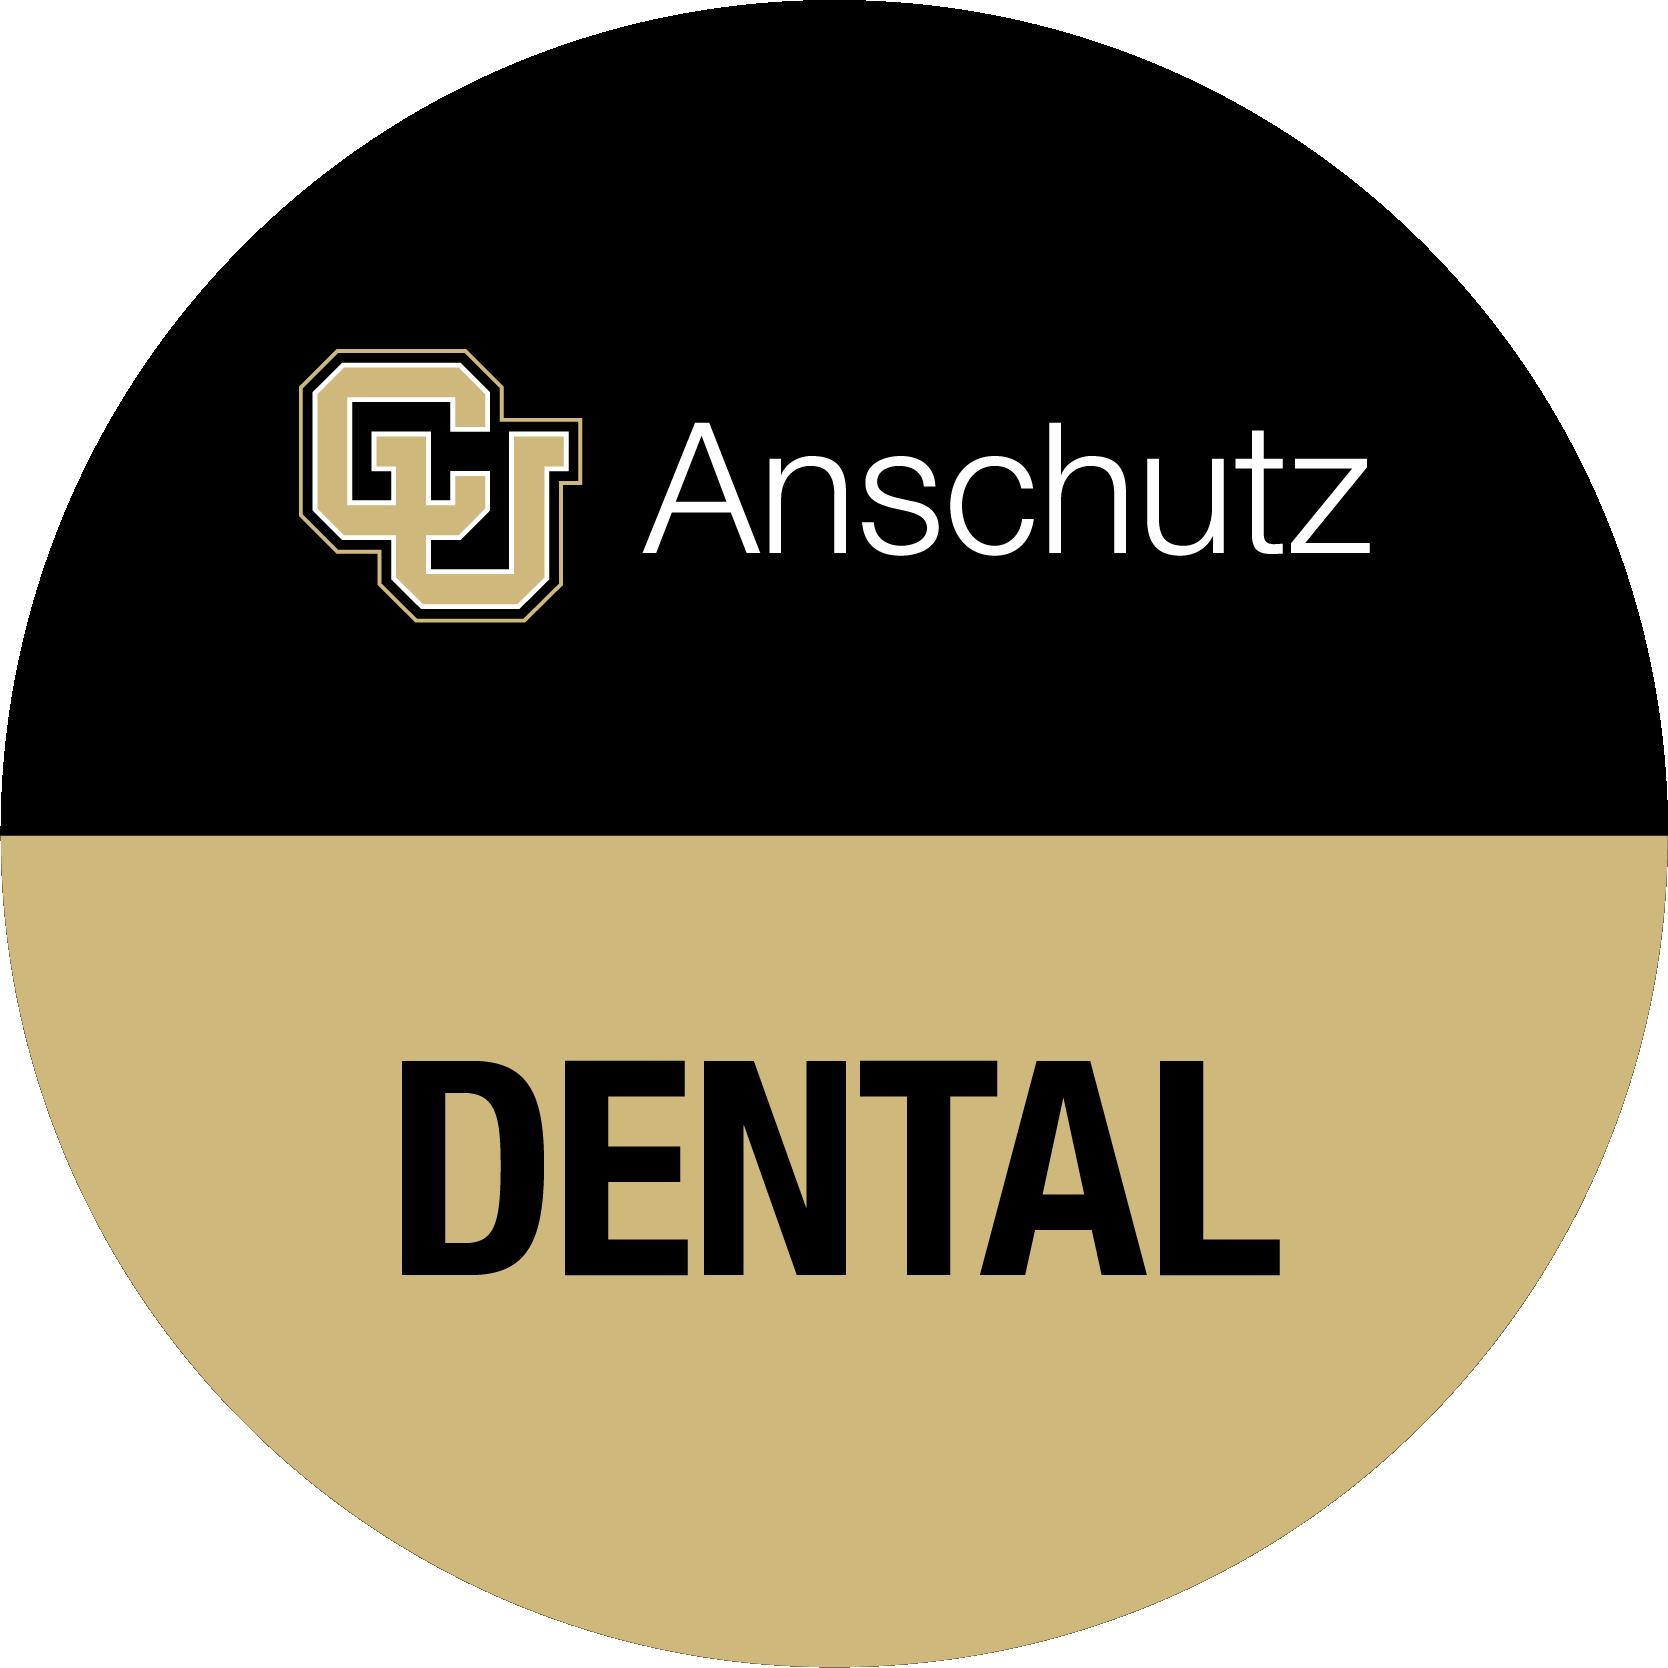 CU School of Dental Medicine Social Media Logo